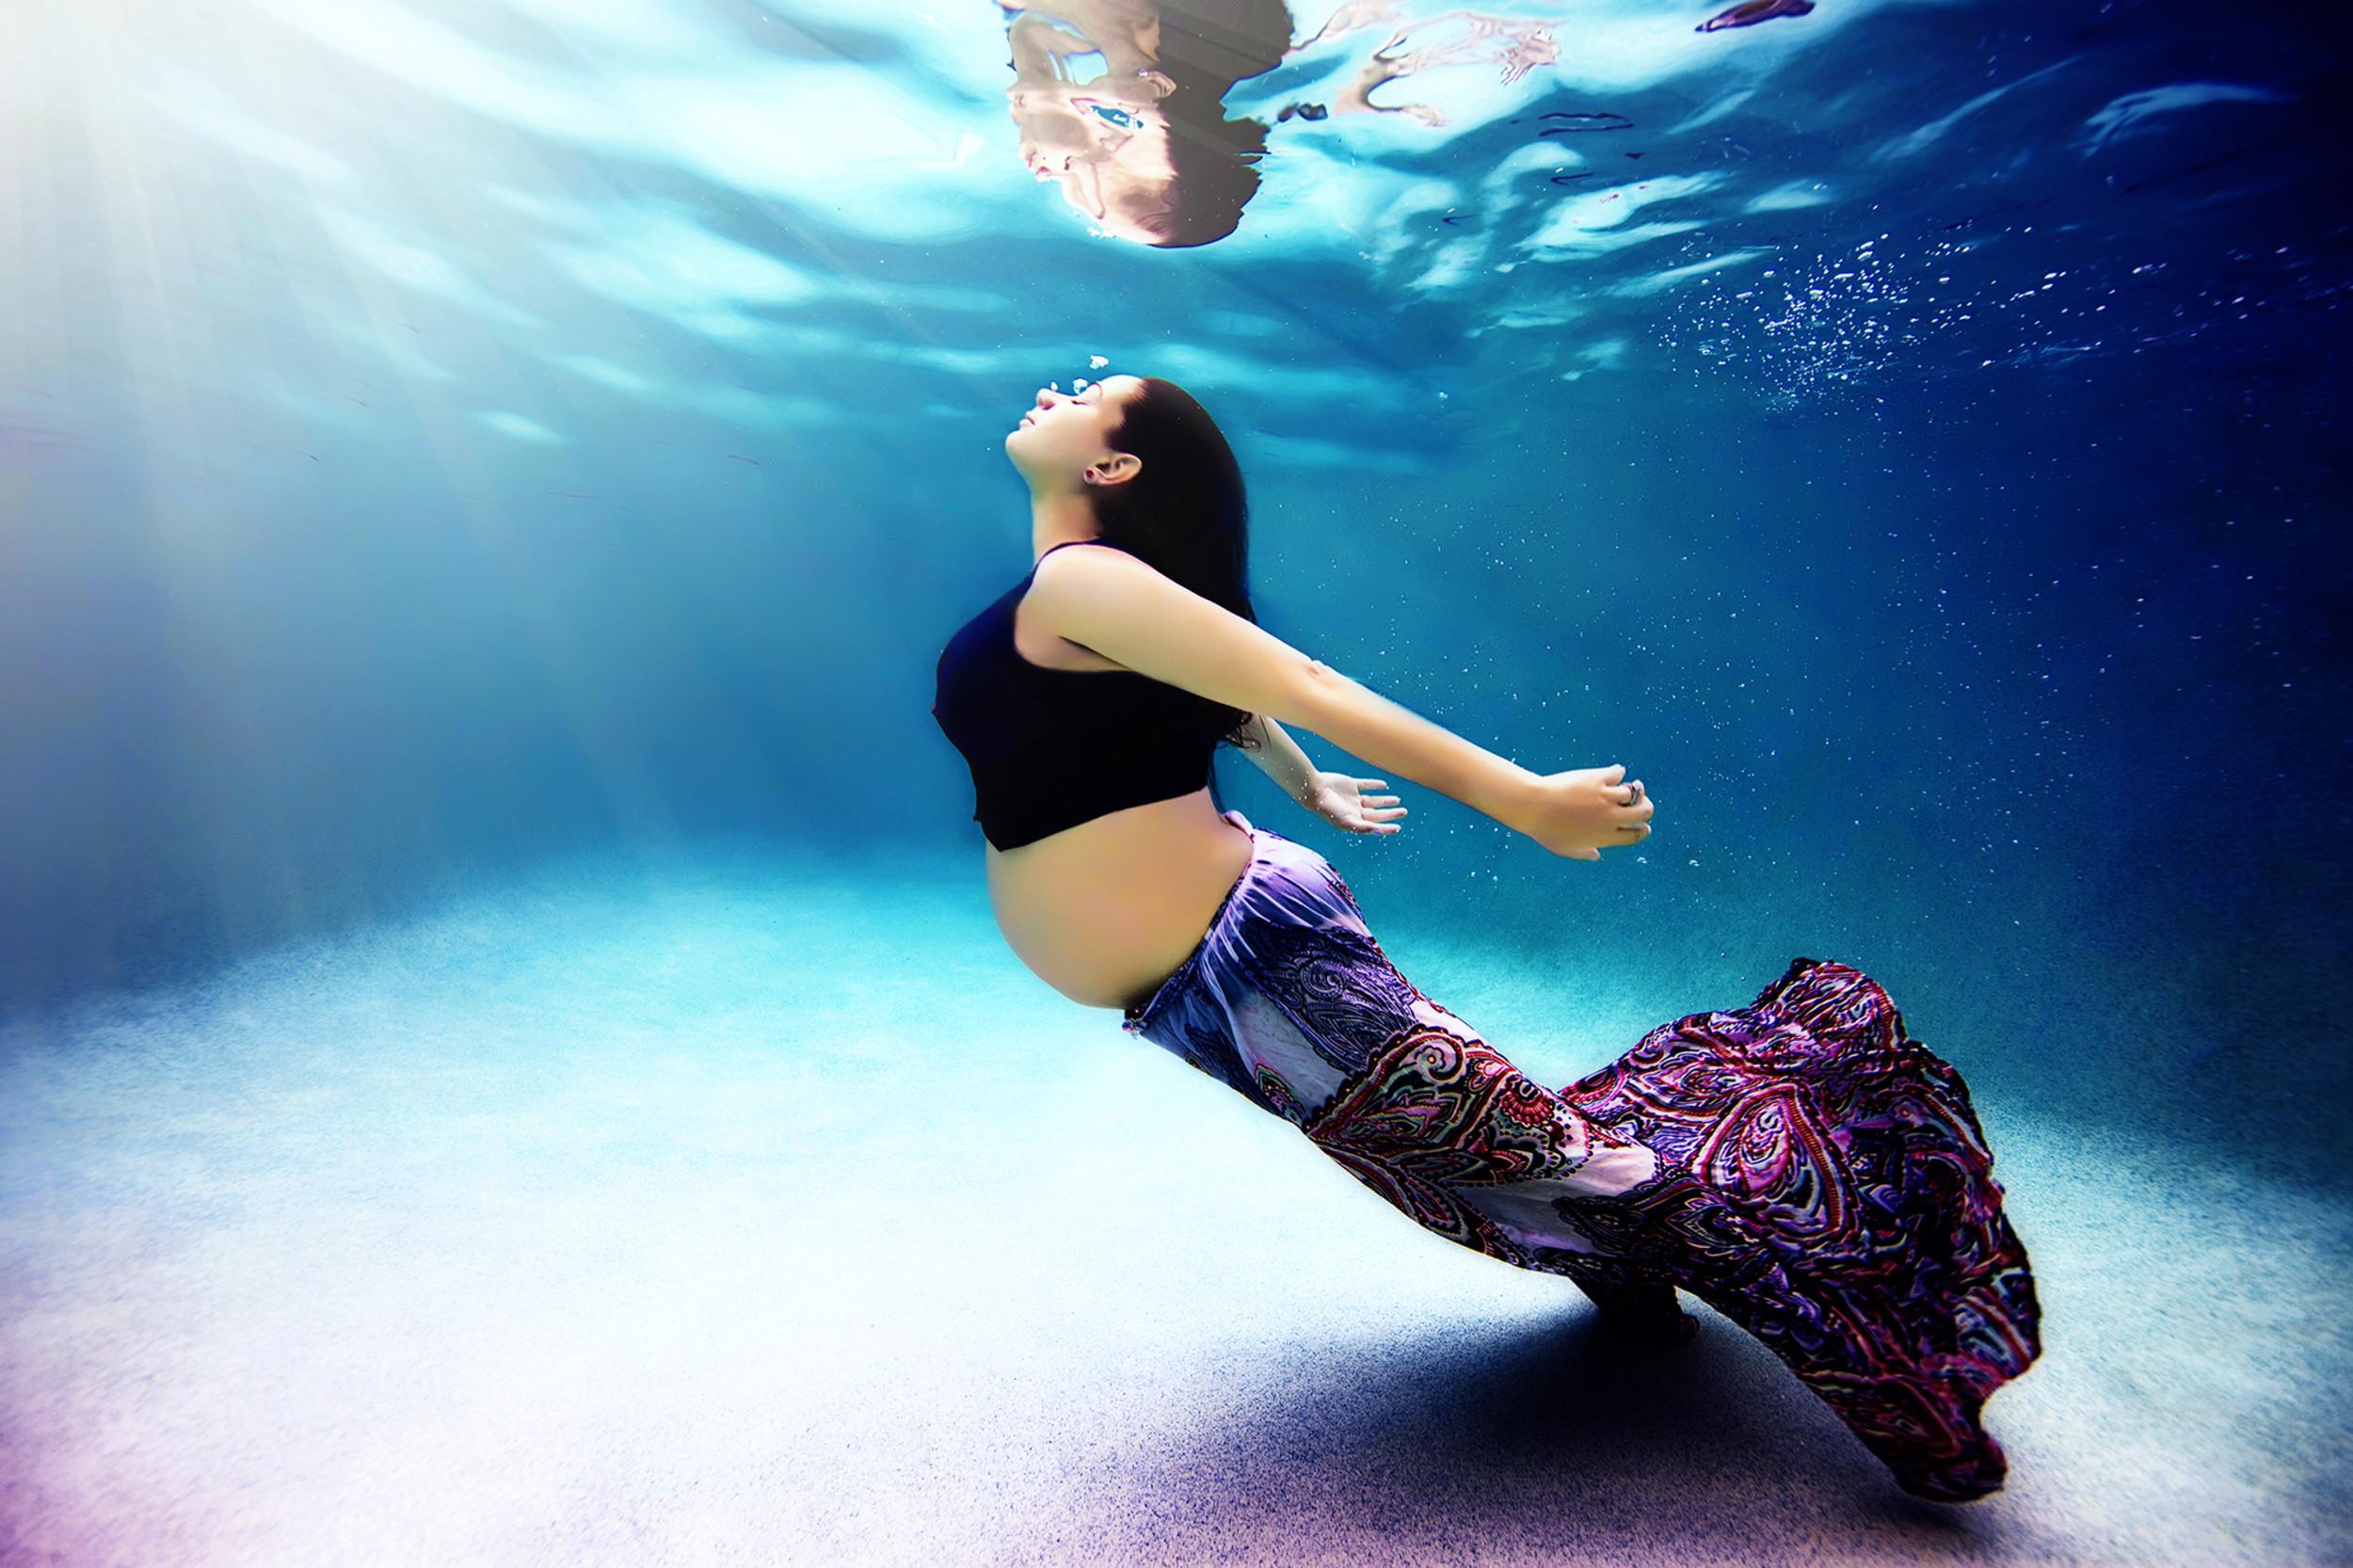 Kết quả hình ảnh cho chụp ảnh bầu dưới nước